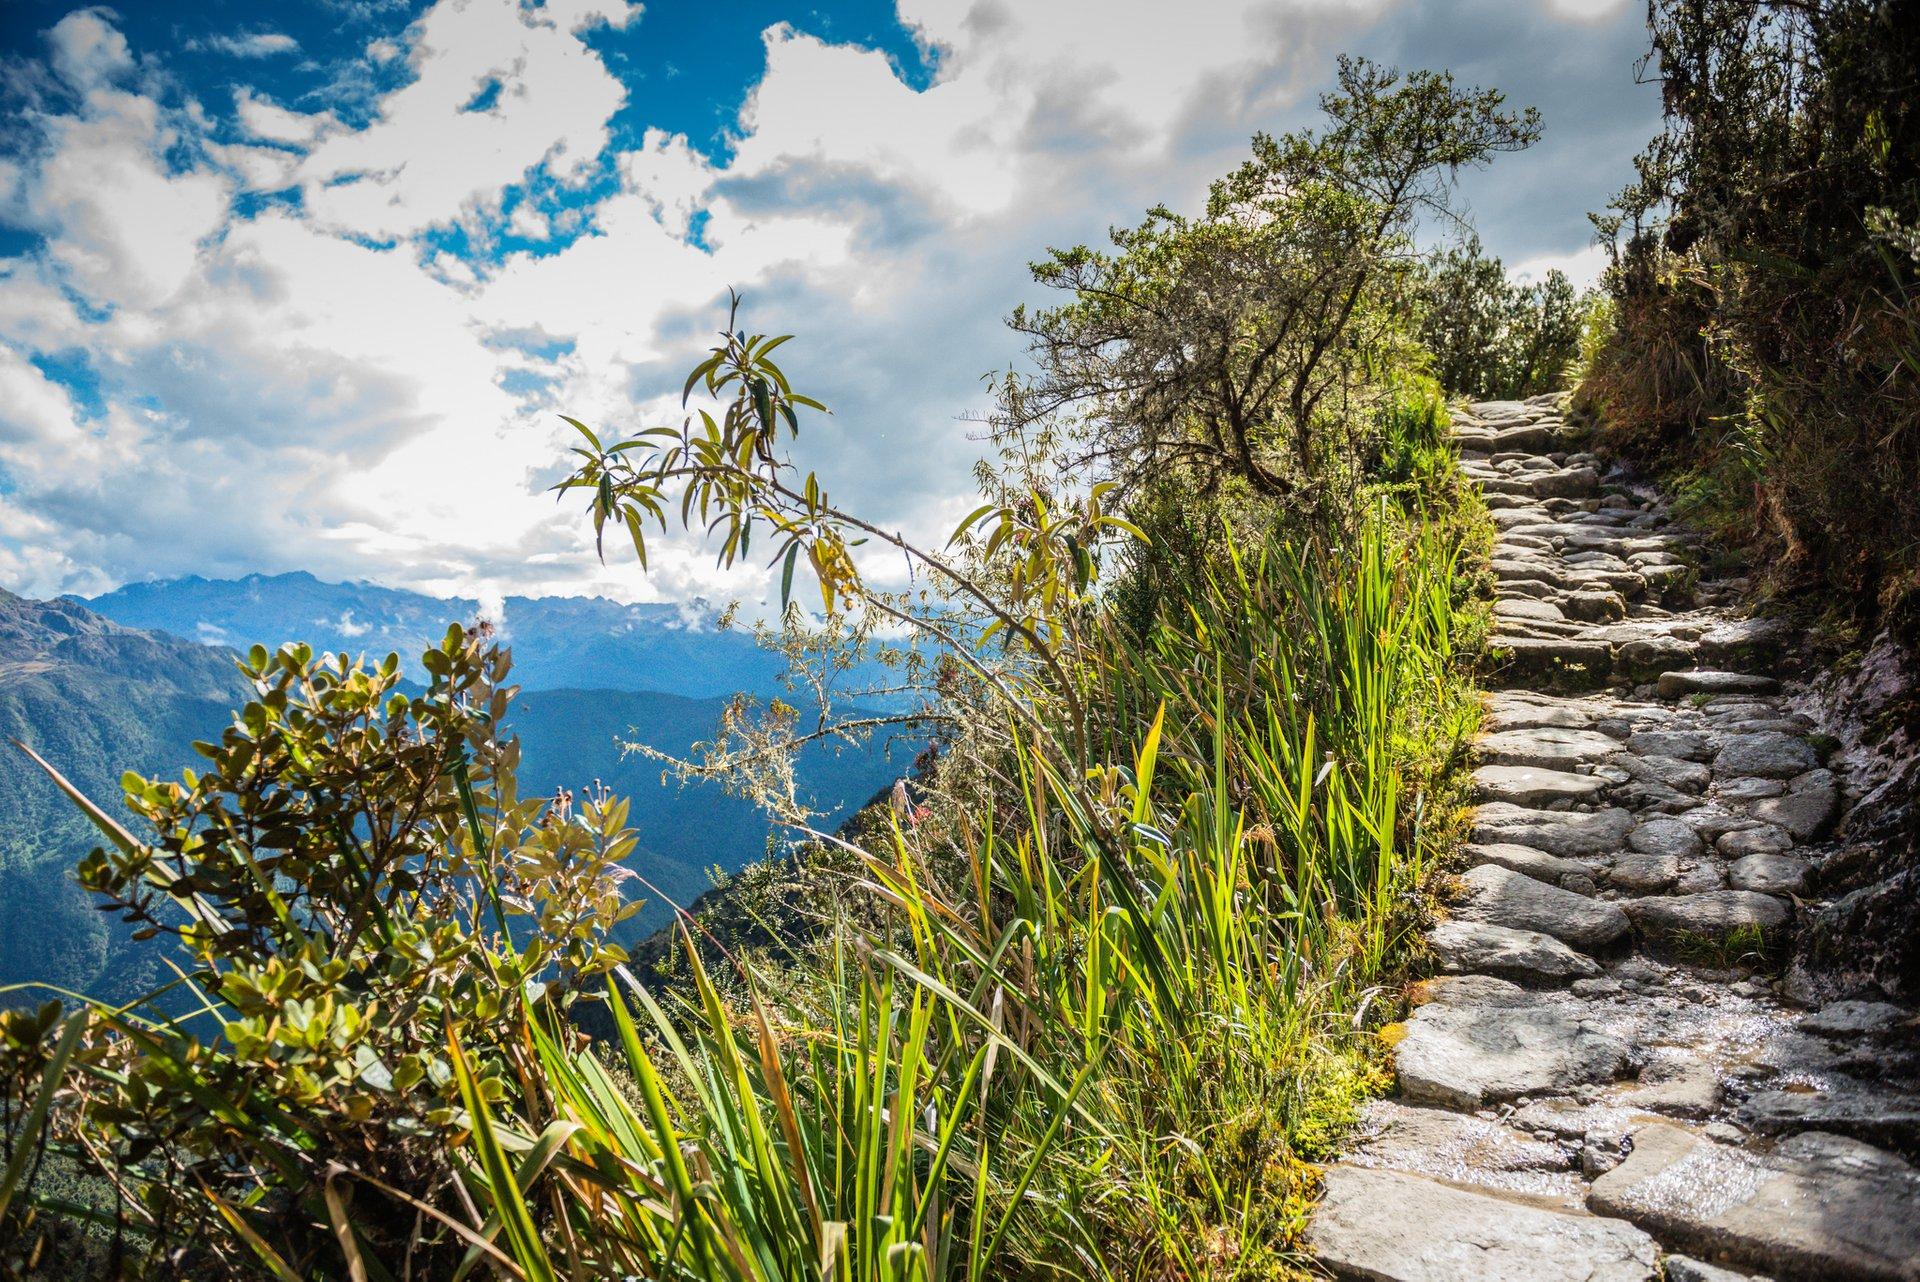 Inca Trail High Season in Machu Picchu and Cusco 2020 - Best Time